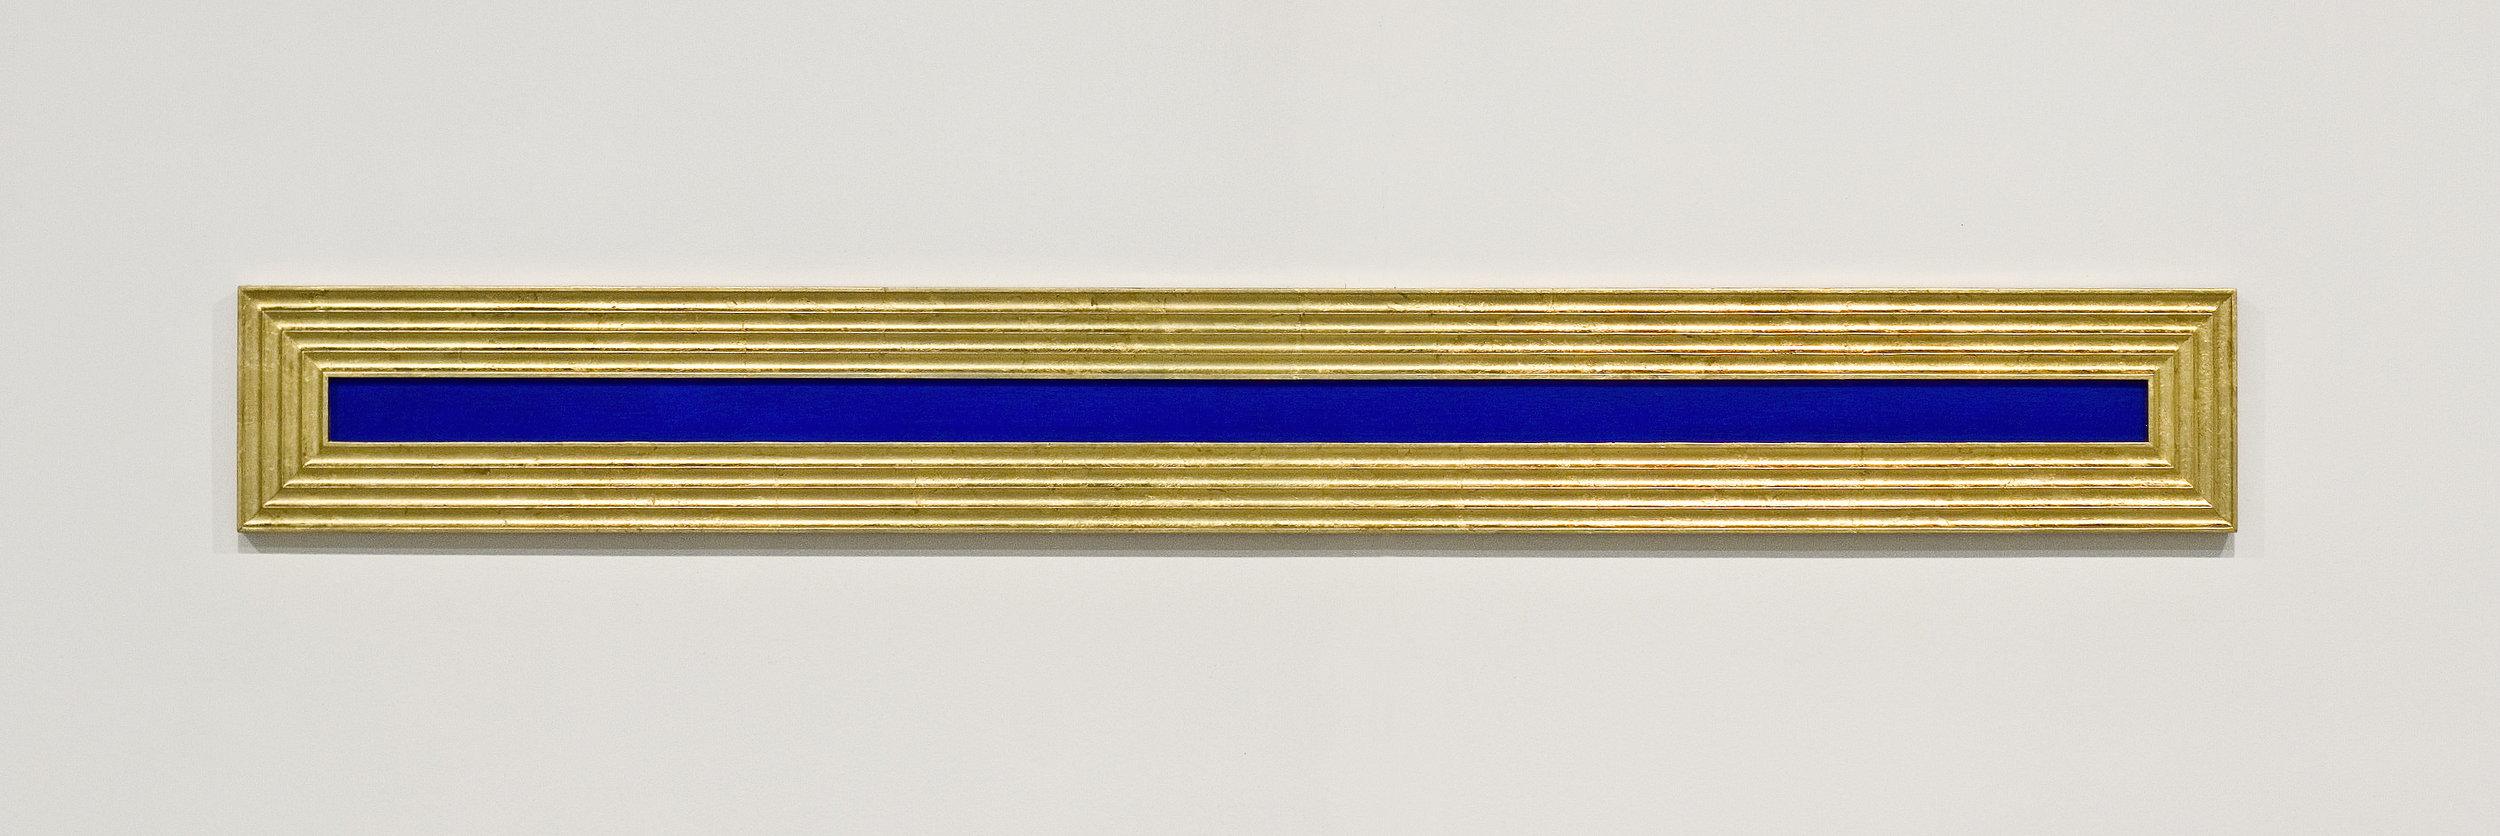 akril, medenina, les, 28 x 220 cm, 2001